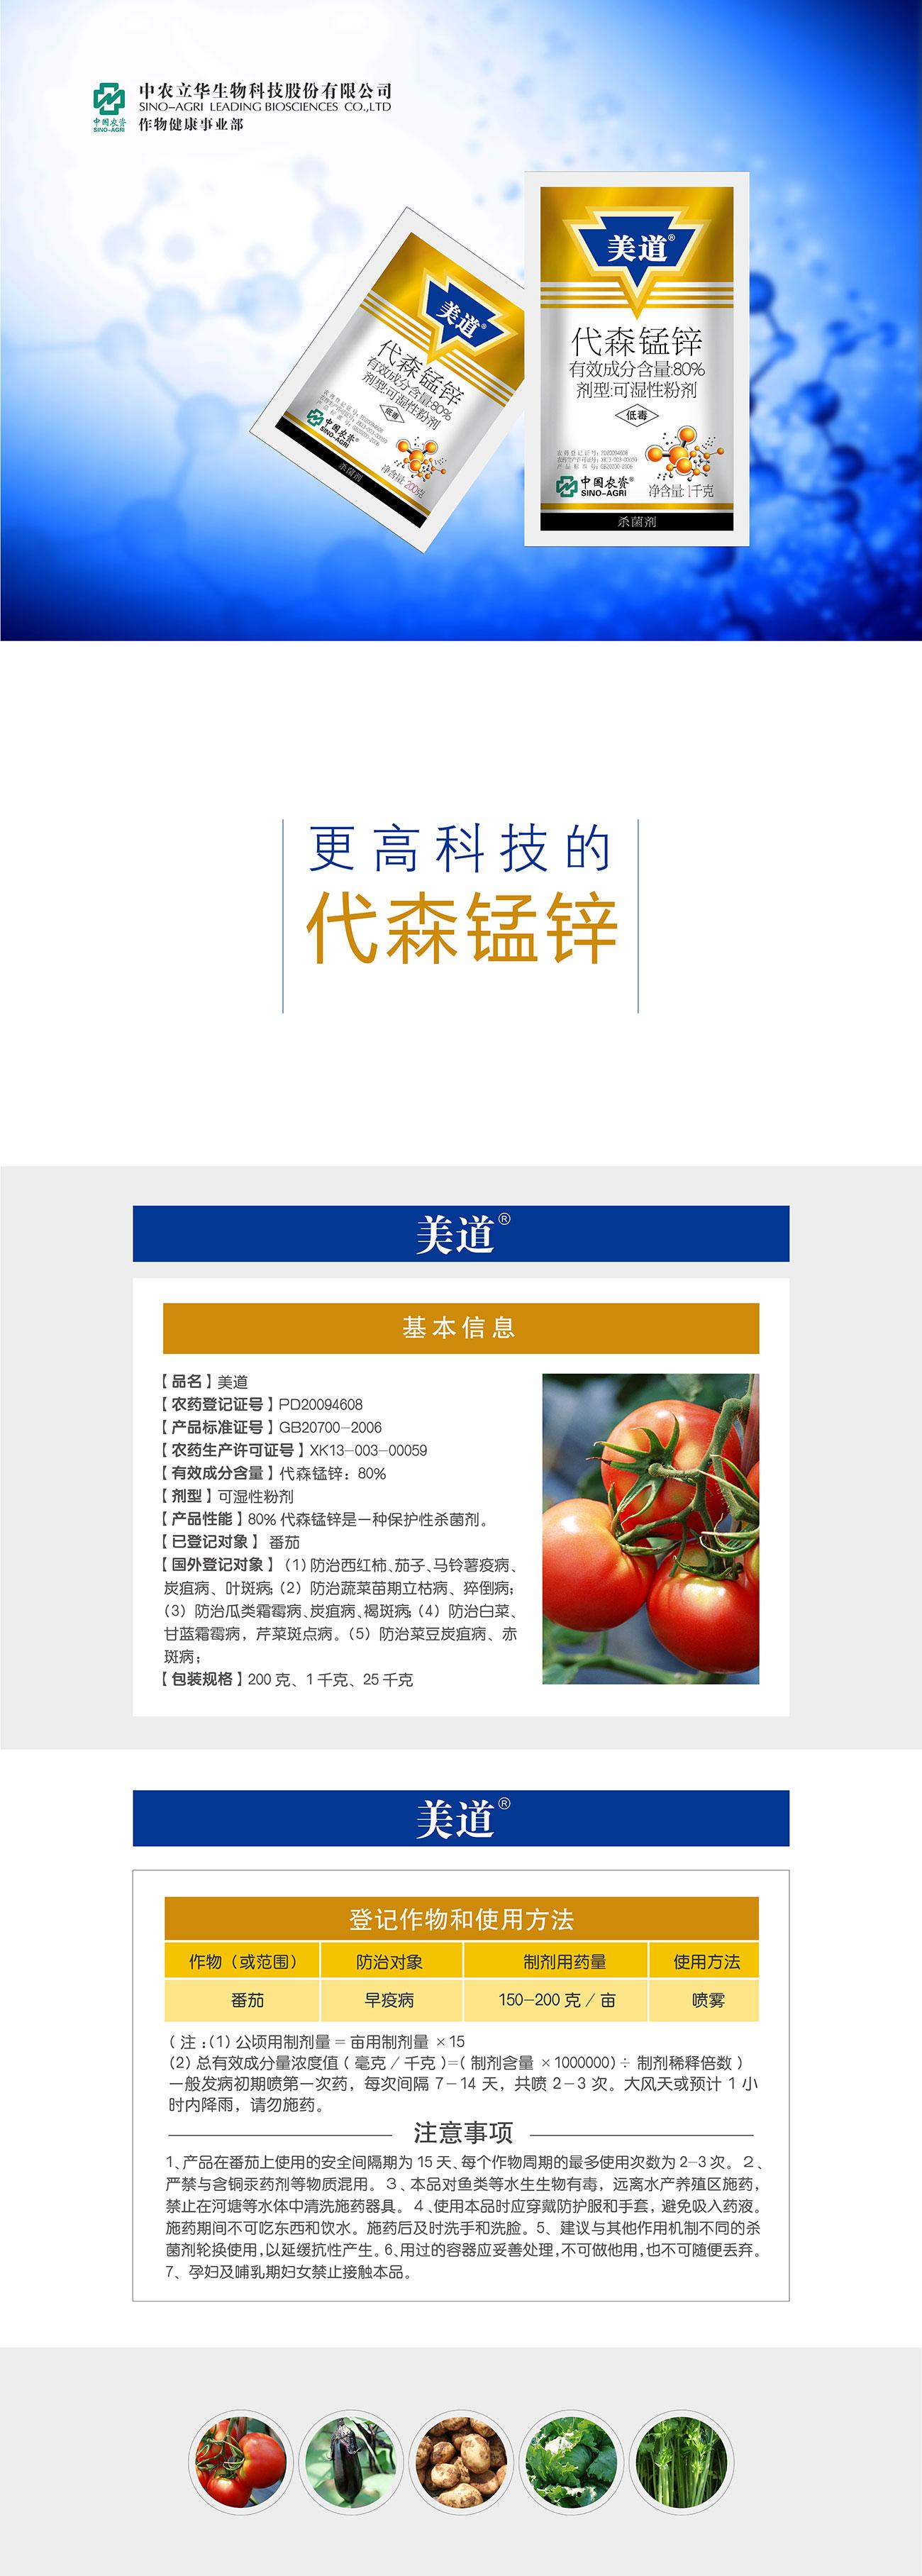 中华供销总社_美道 - 杀菌剂 - 中农立华生物科技股份有限公司